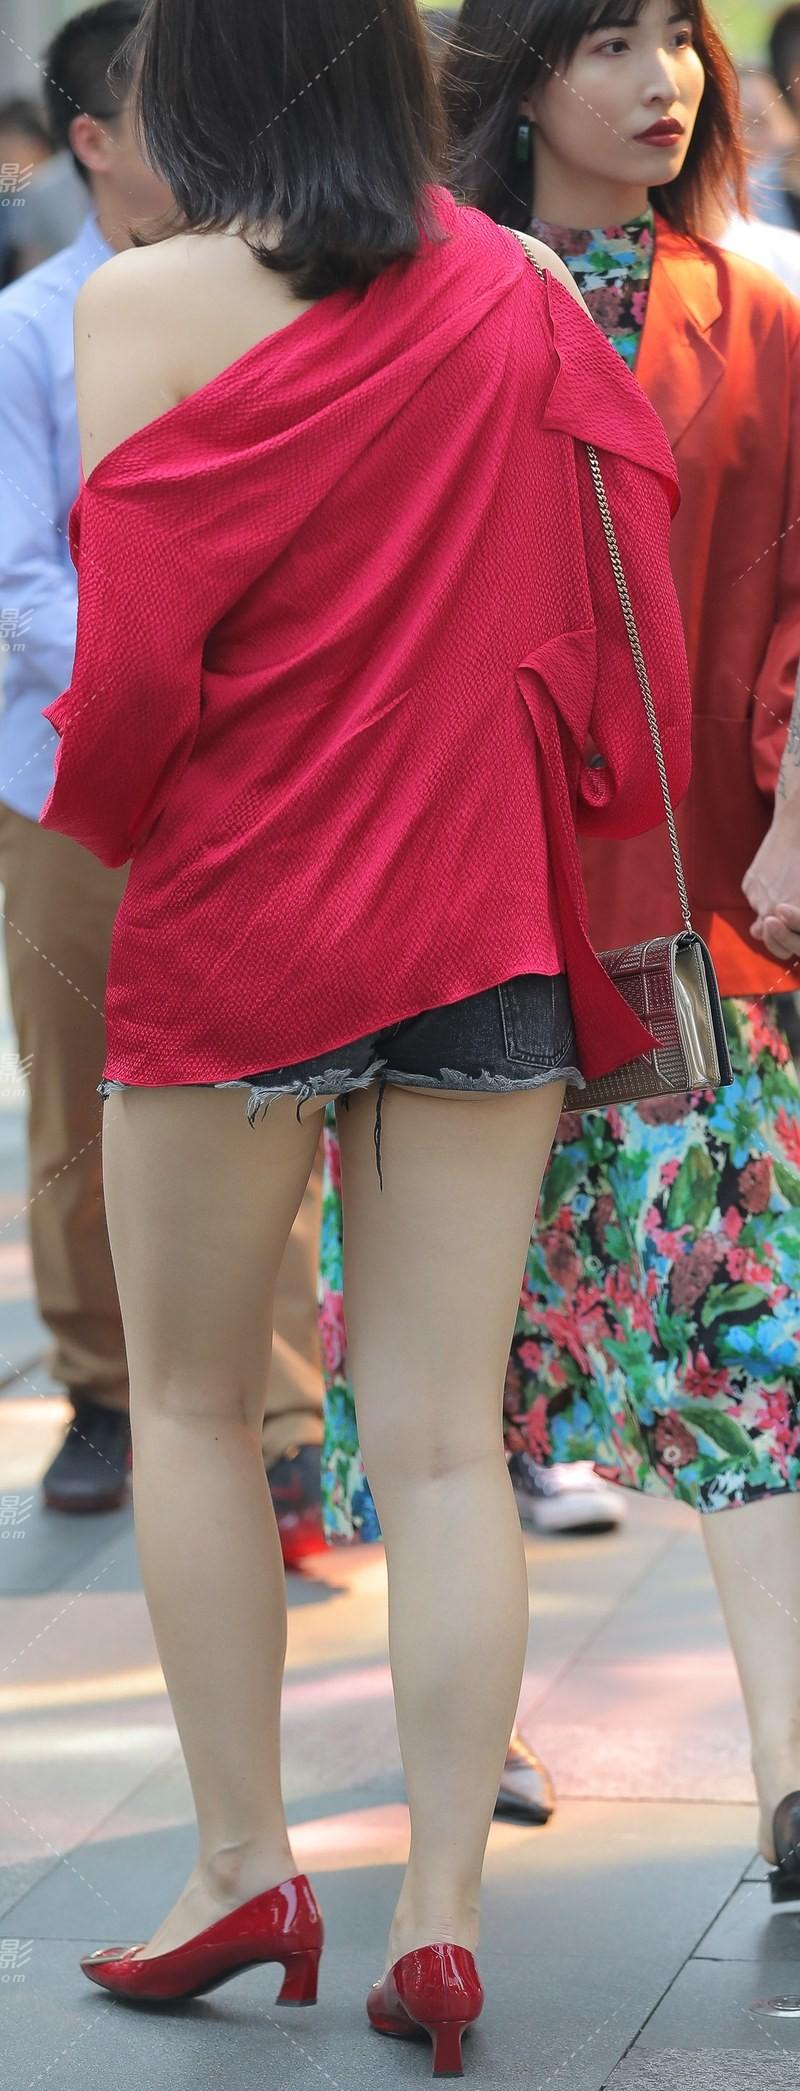 街拍短裤 (14)